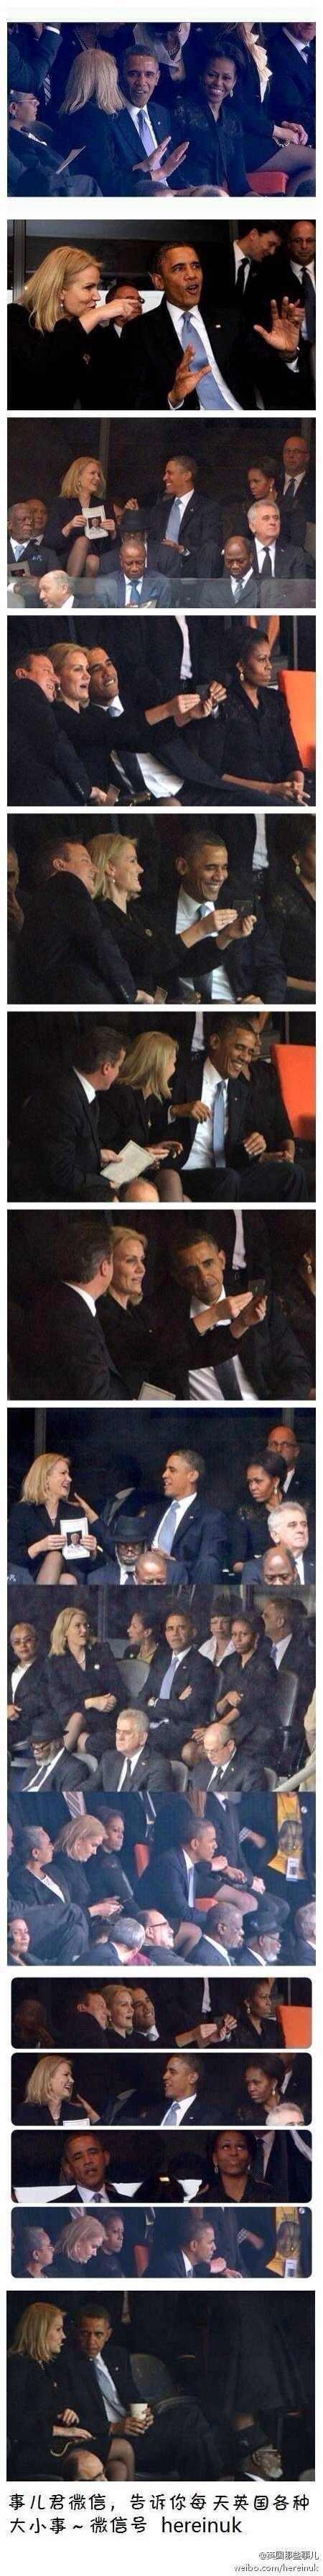 奥巴马自拍门